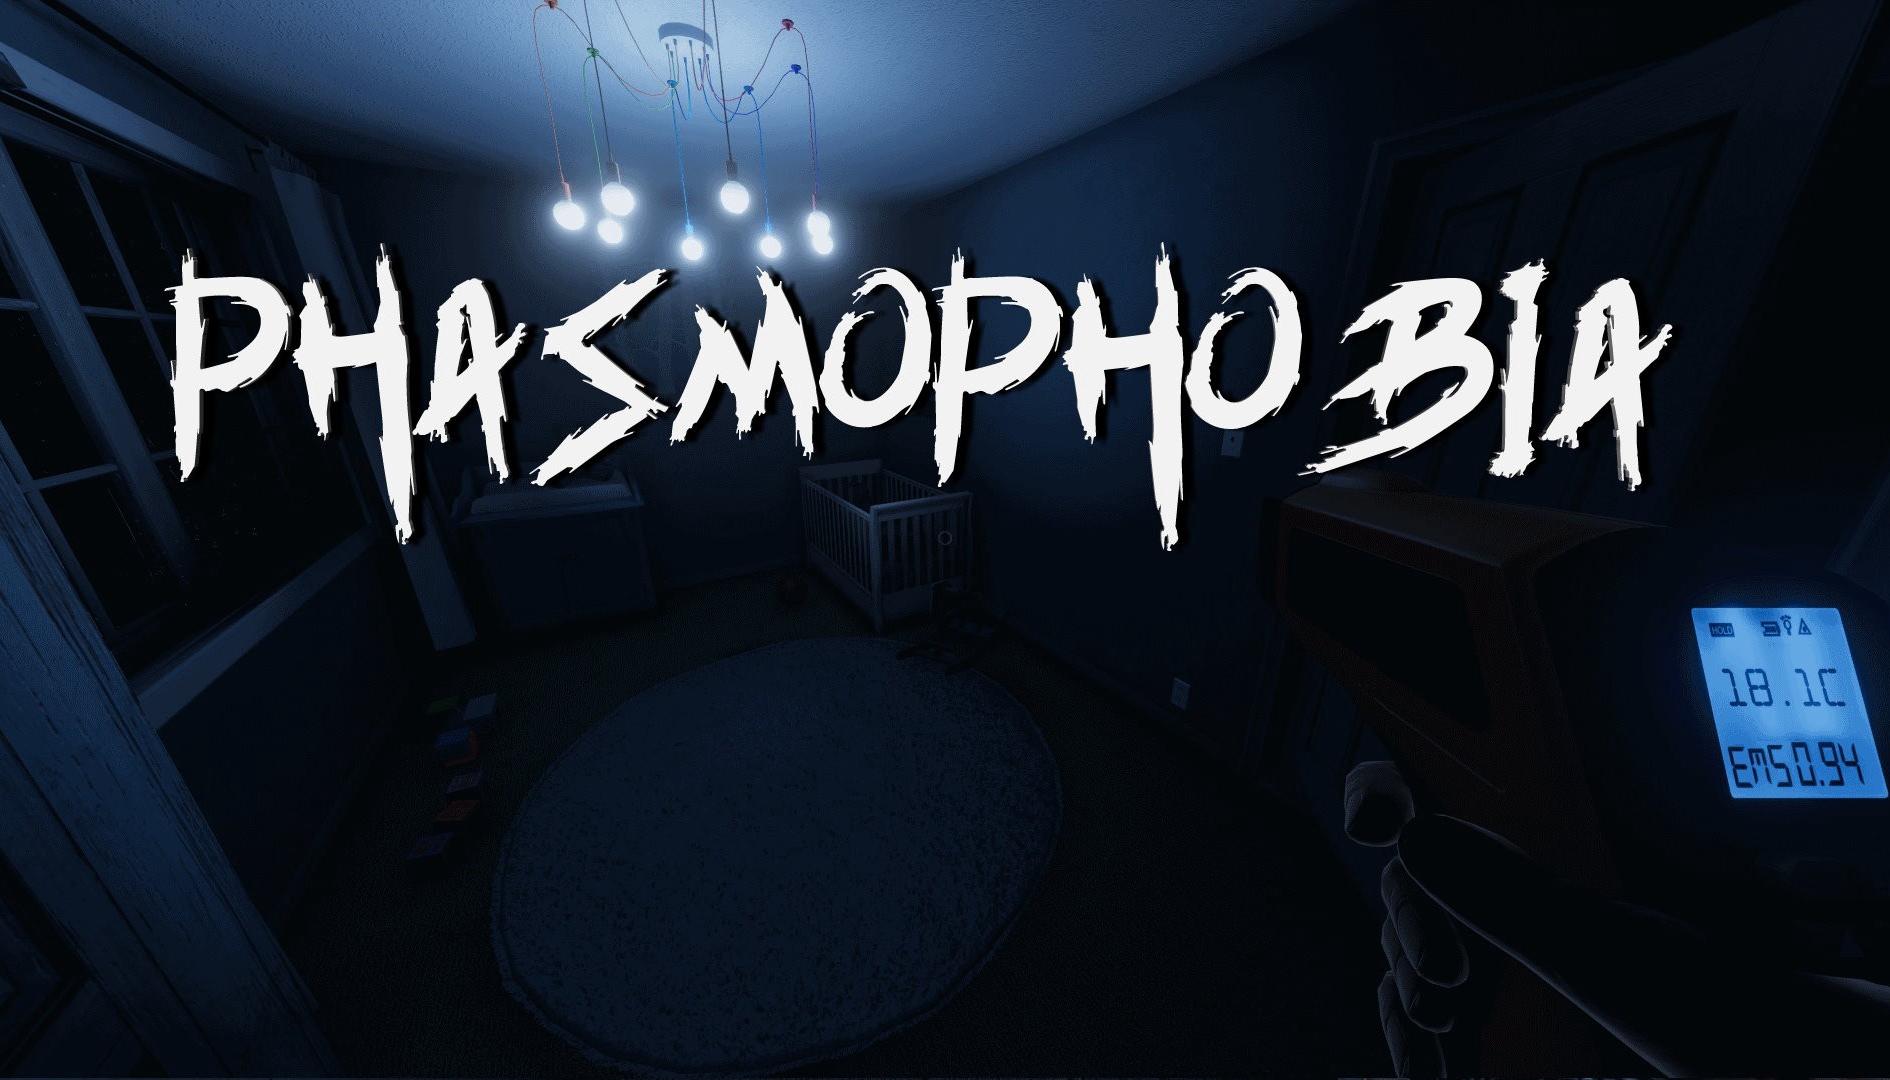 Phasmophobia diventa ancora più spaventoso per colpa degli hacker